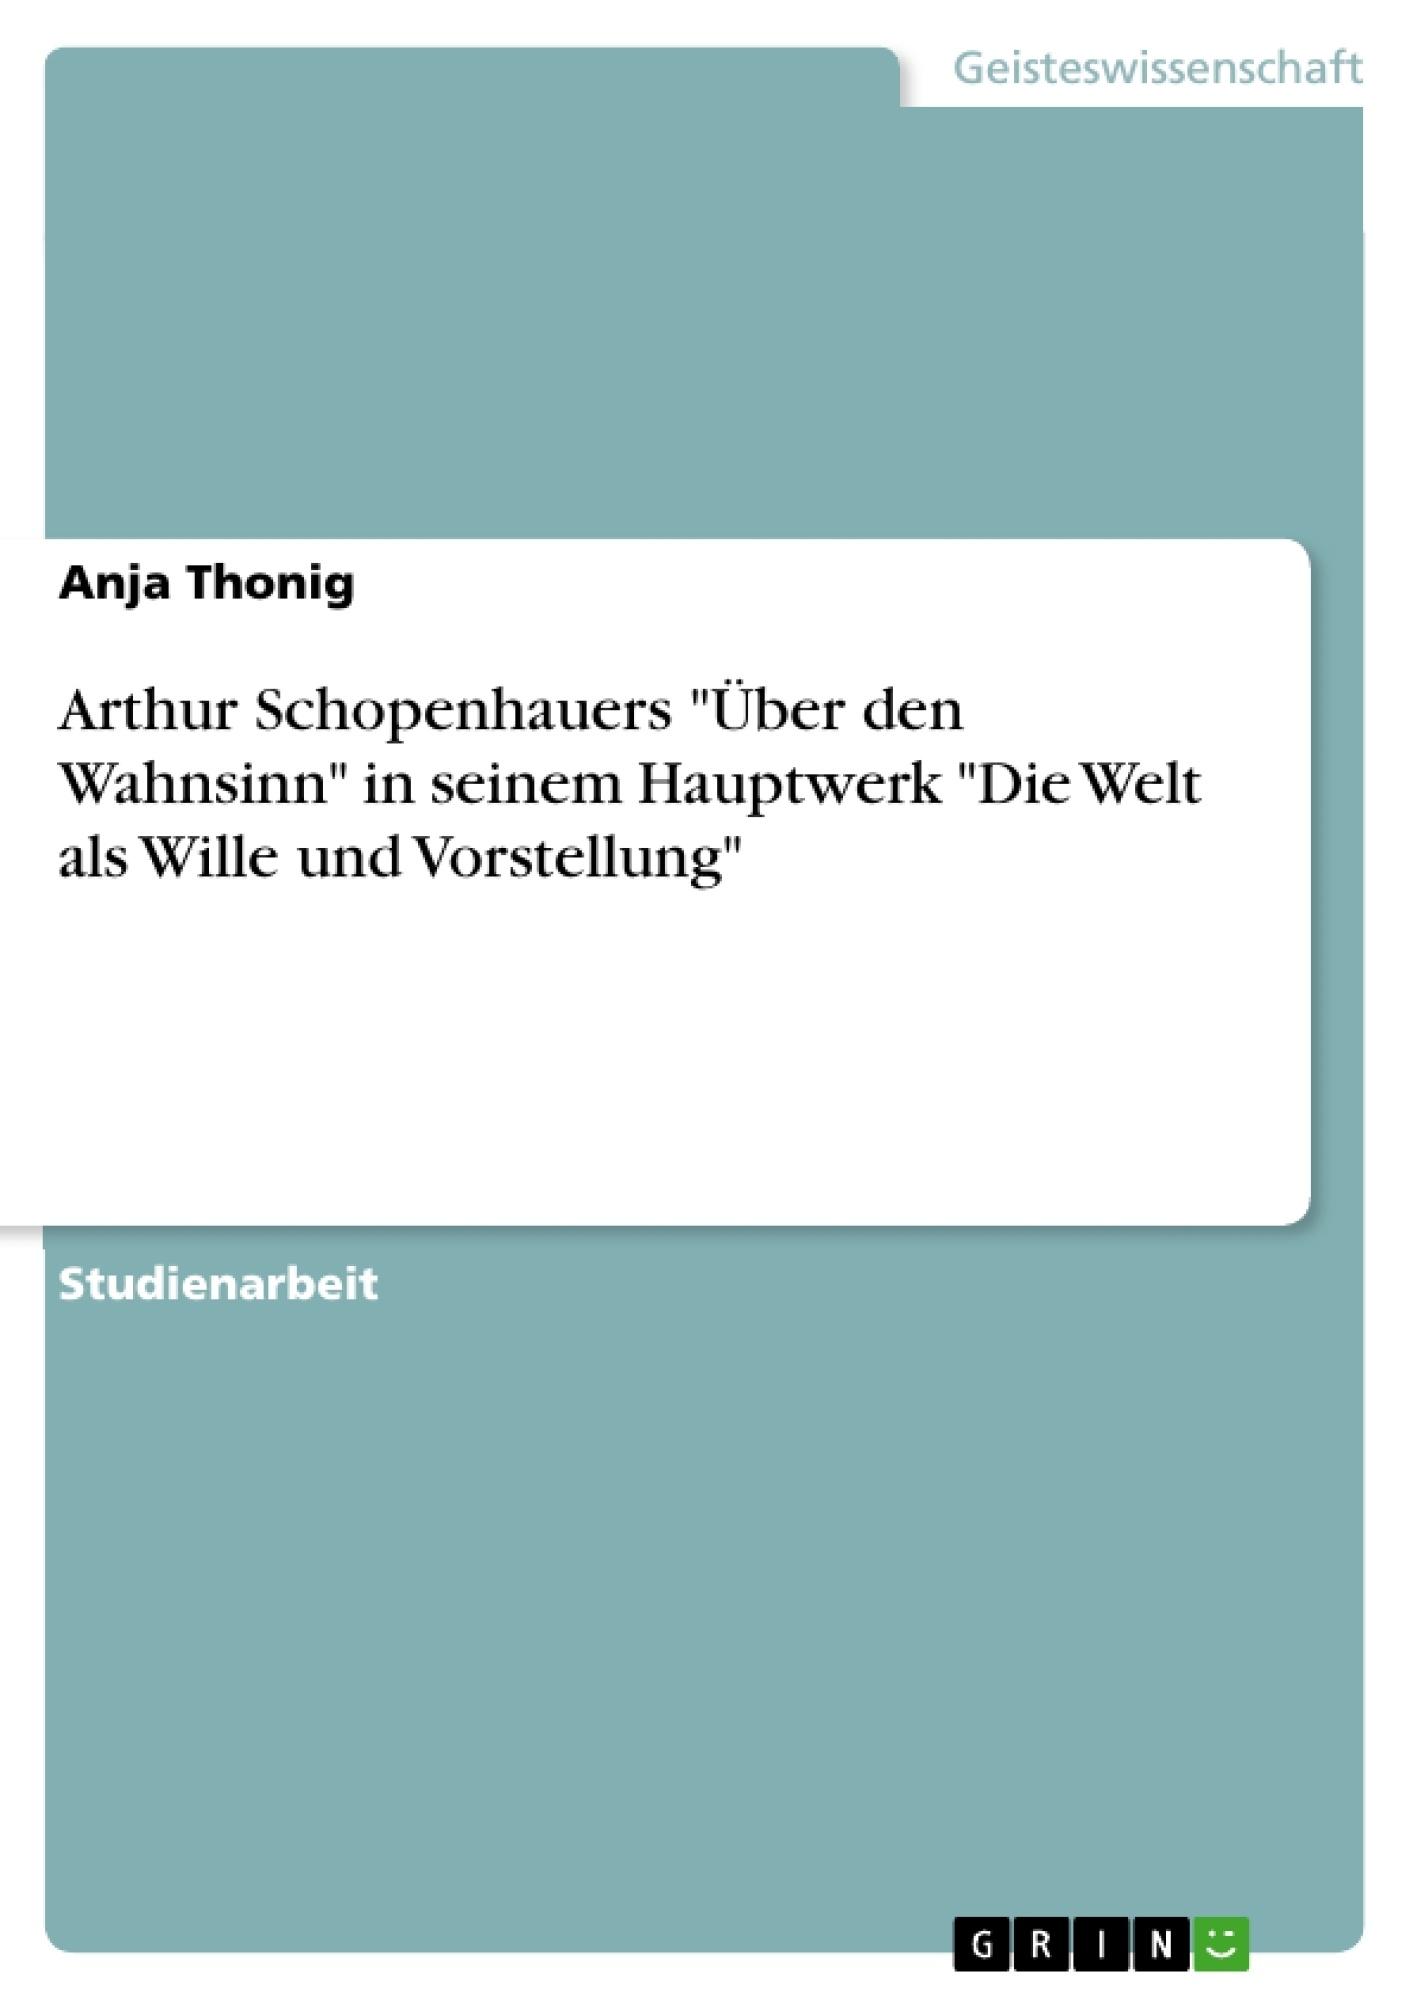 """Titel: Arthur Schopenhauers """"Über den Wahnsinn"""" in seinem Hauptwerk """"Die Welt als Wille und Vorstellung"""""""